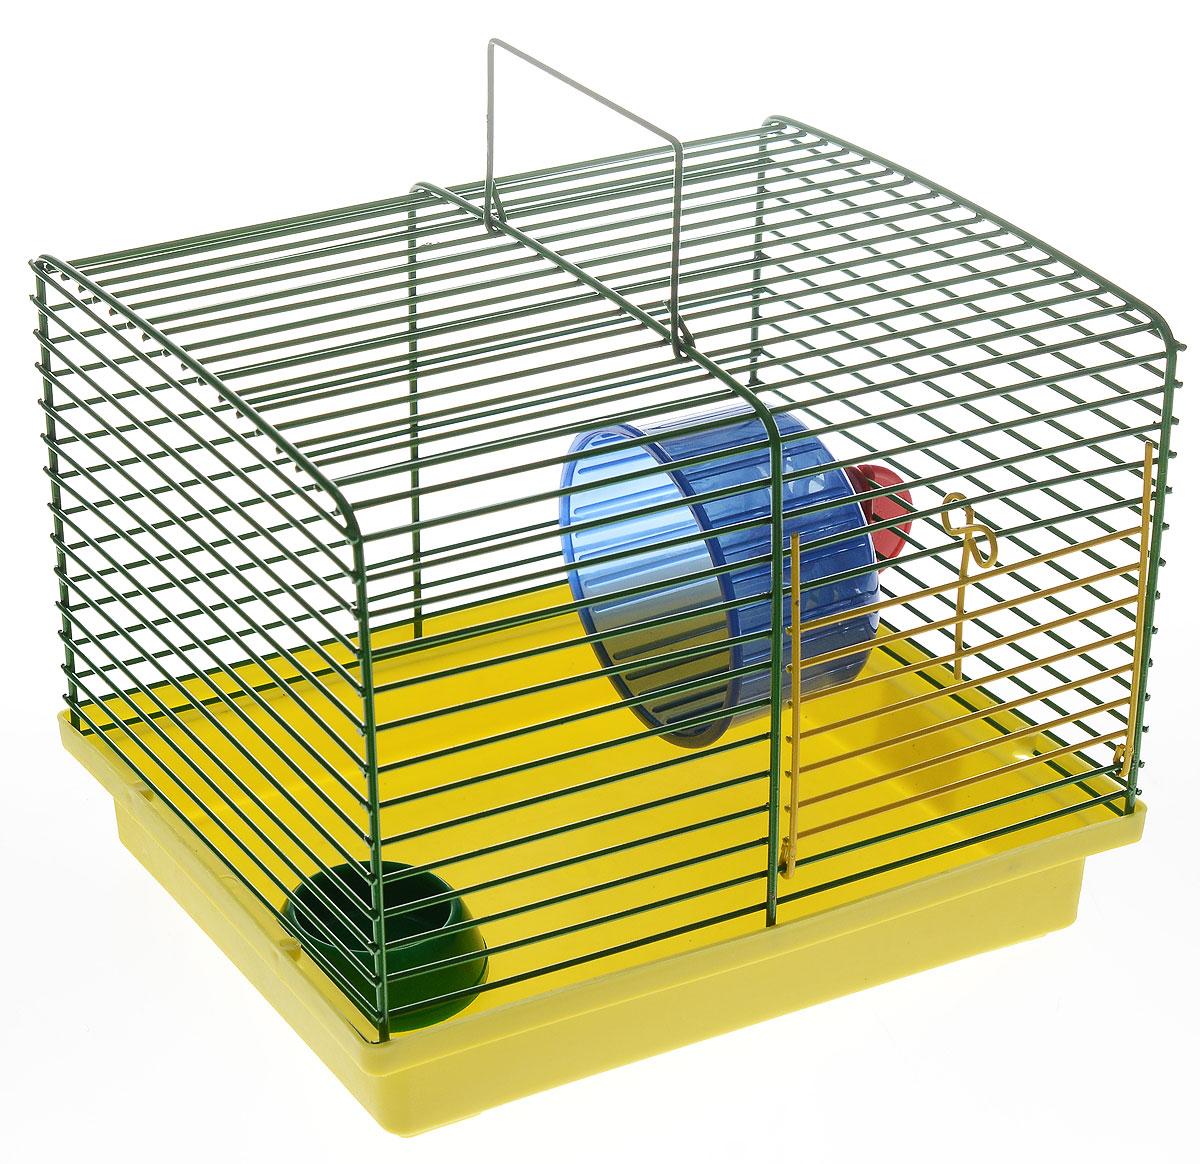 Клетка для хомяка ЗооМарк, с колесом и миской, цвет: желтый поддон, зеленая решетка, 23 х 18 х 18,5 см511_желтый, зеленыйКлетка ЗооМарк, выполненная из пластика и металла, подходит для джунгарского хомячка и других мелких грызунов. Она оборудована колесом для подвижных игр и миской. Клетка имеет яркий поддон, удобна в использовании и легко чистится. Такая клетка станет уединенным личным пространством и уютным домиком для маленького грызуна.